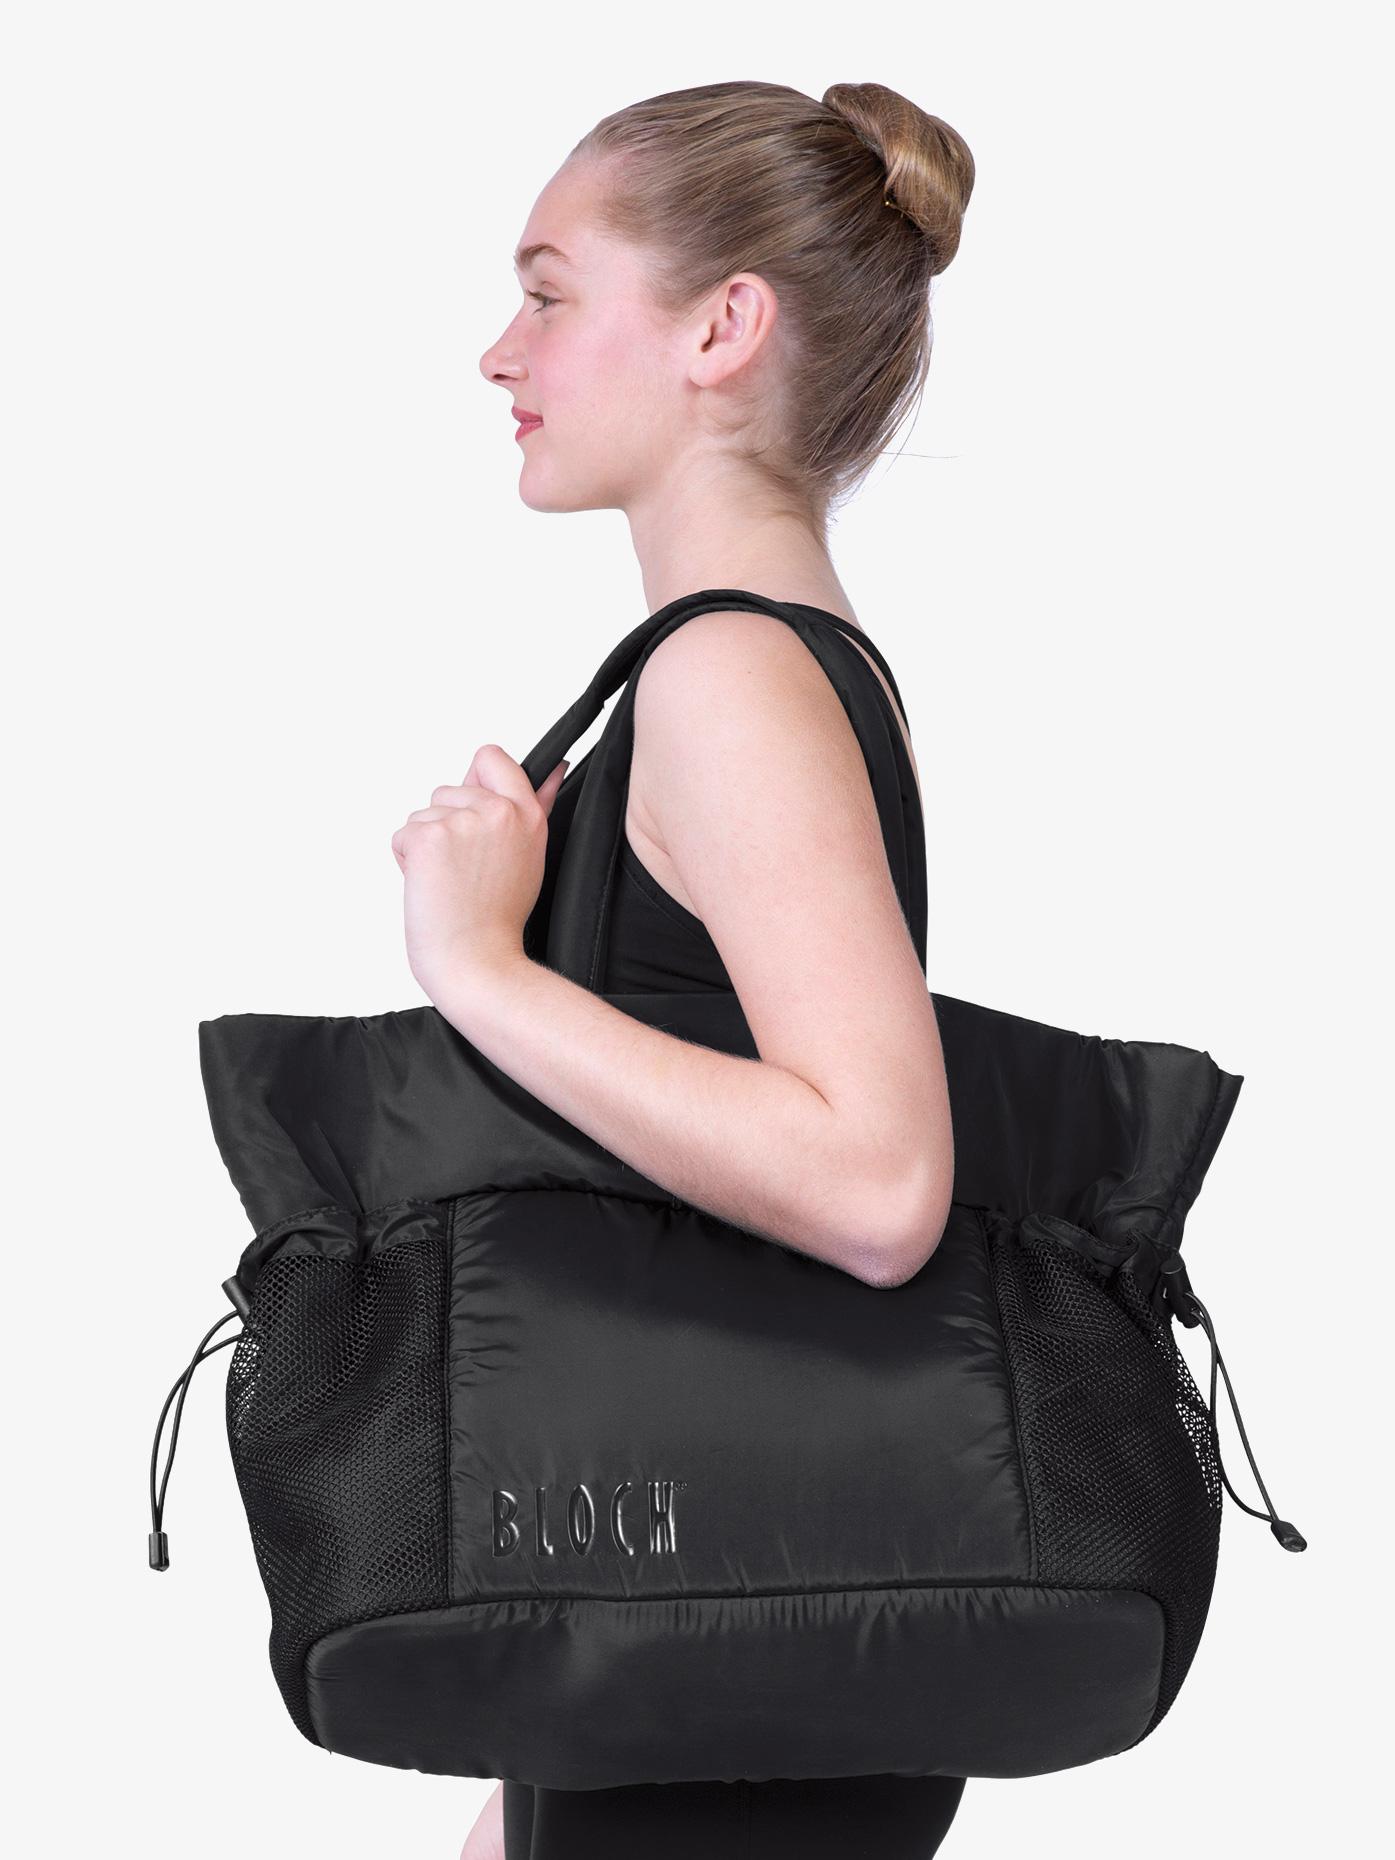 Bloch Dance Bag A319